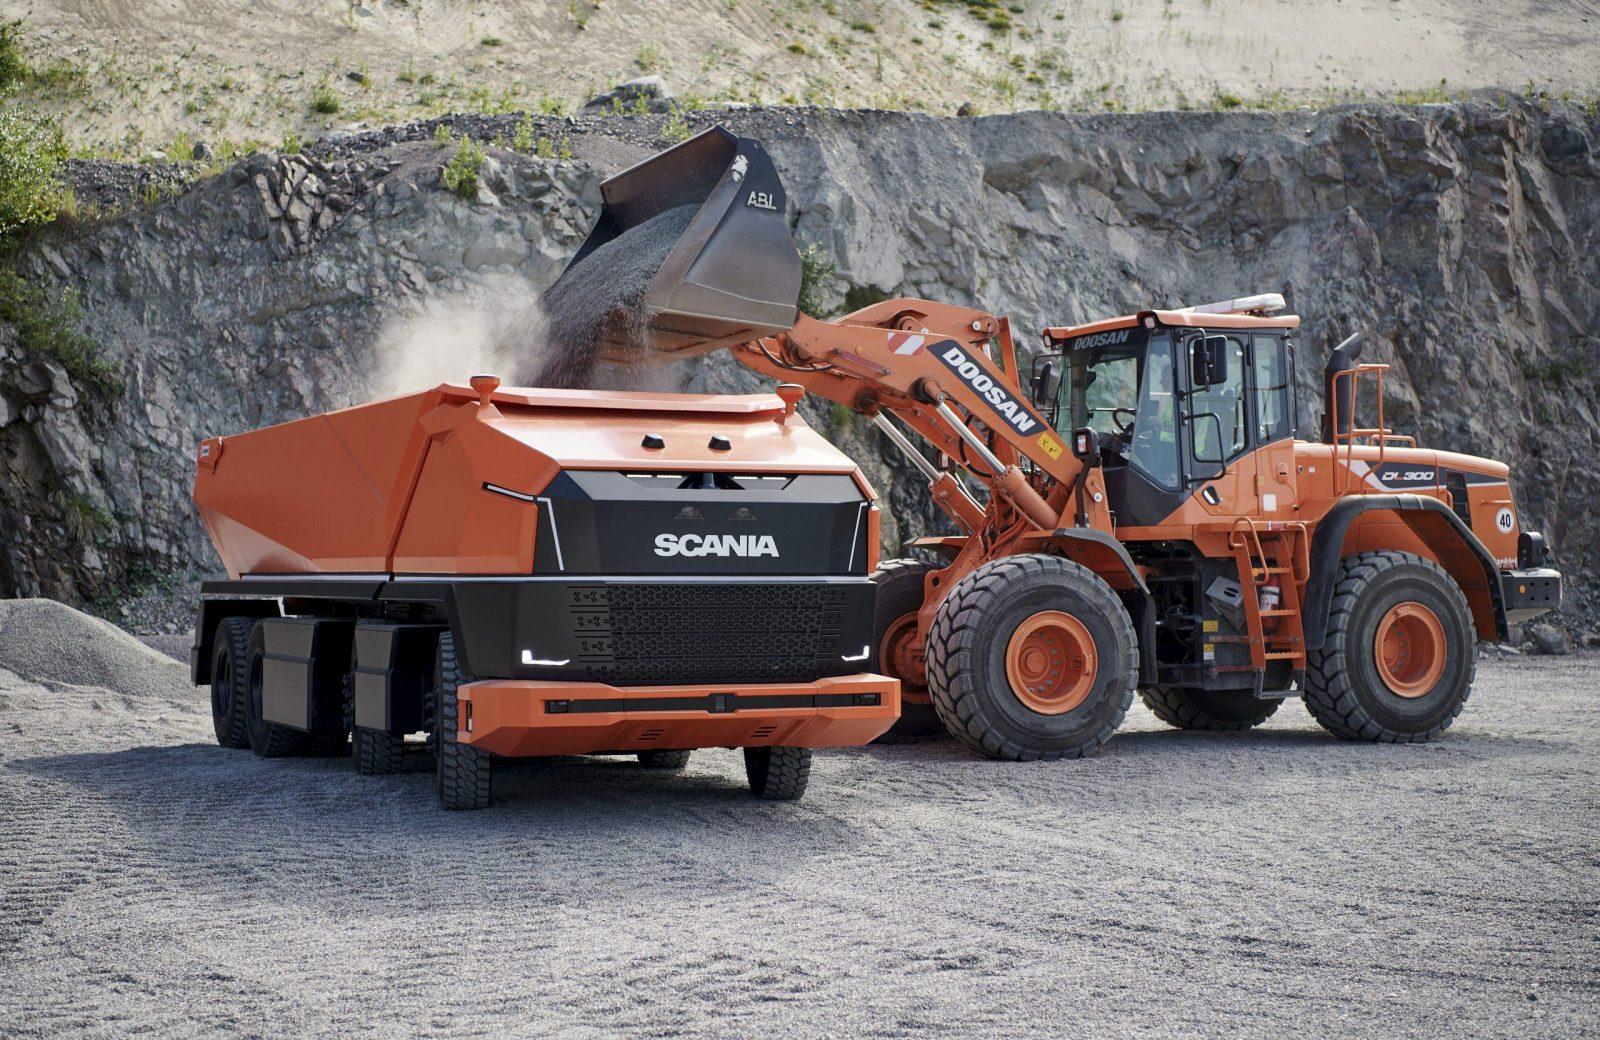 Беспилотный самосвал Scania AXL перевозит горную массу и щебень